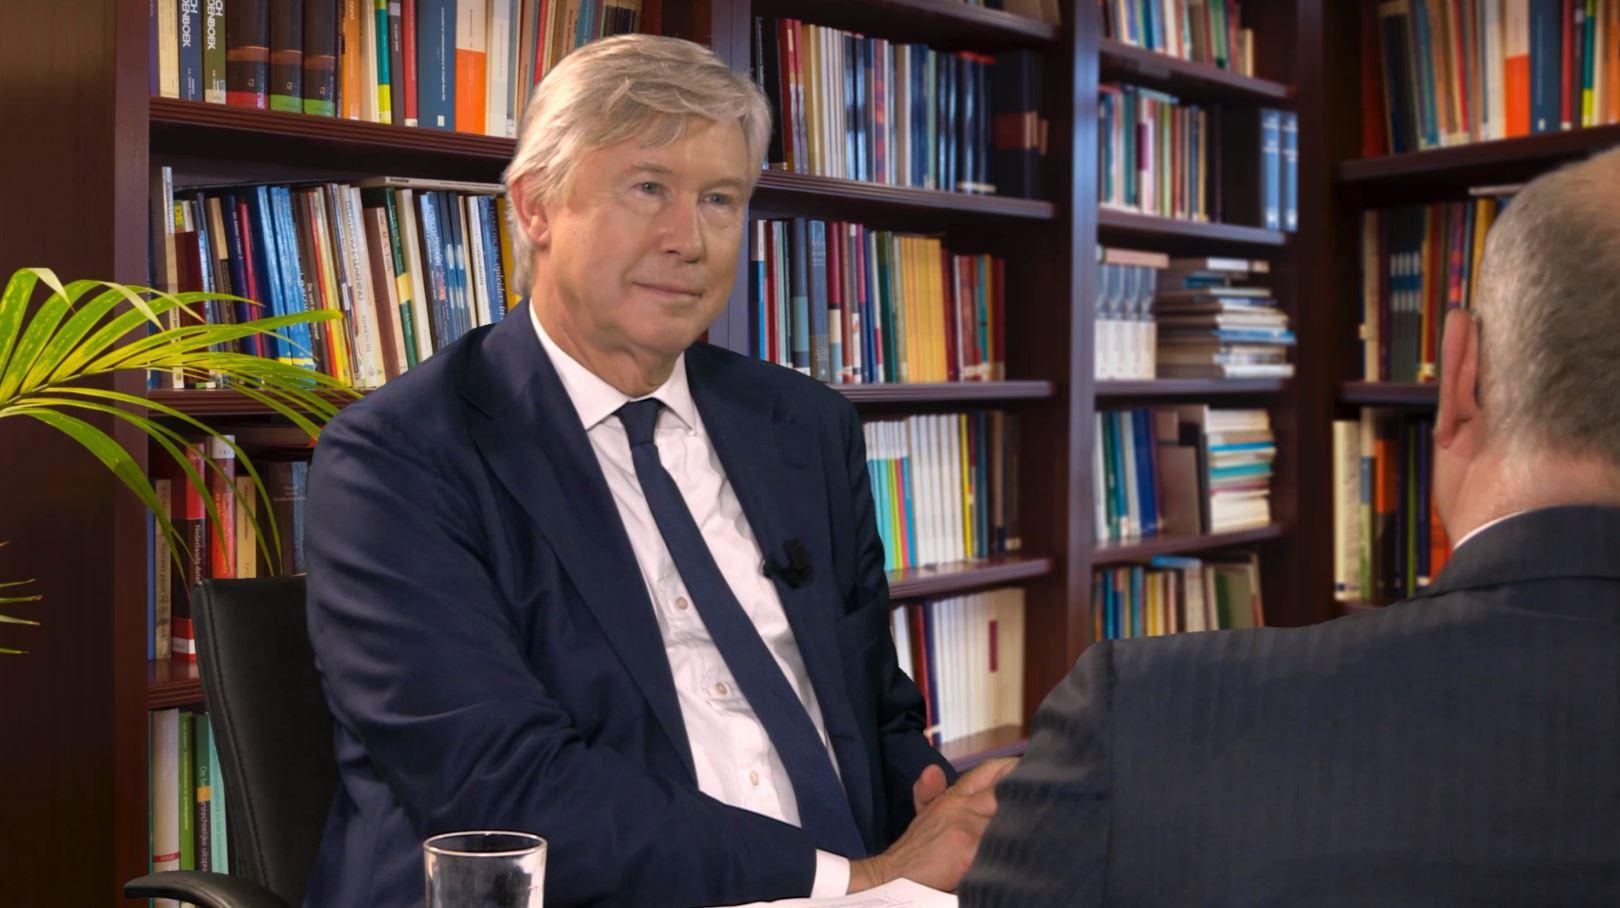 prof. mr. Fons Stollenwerck voor een boekenkast tijdens een interview